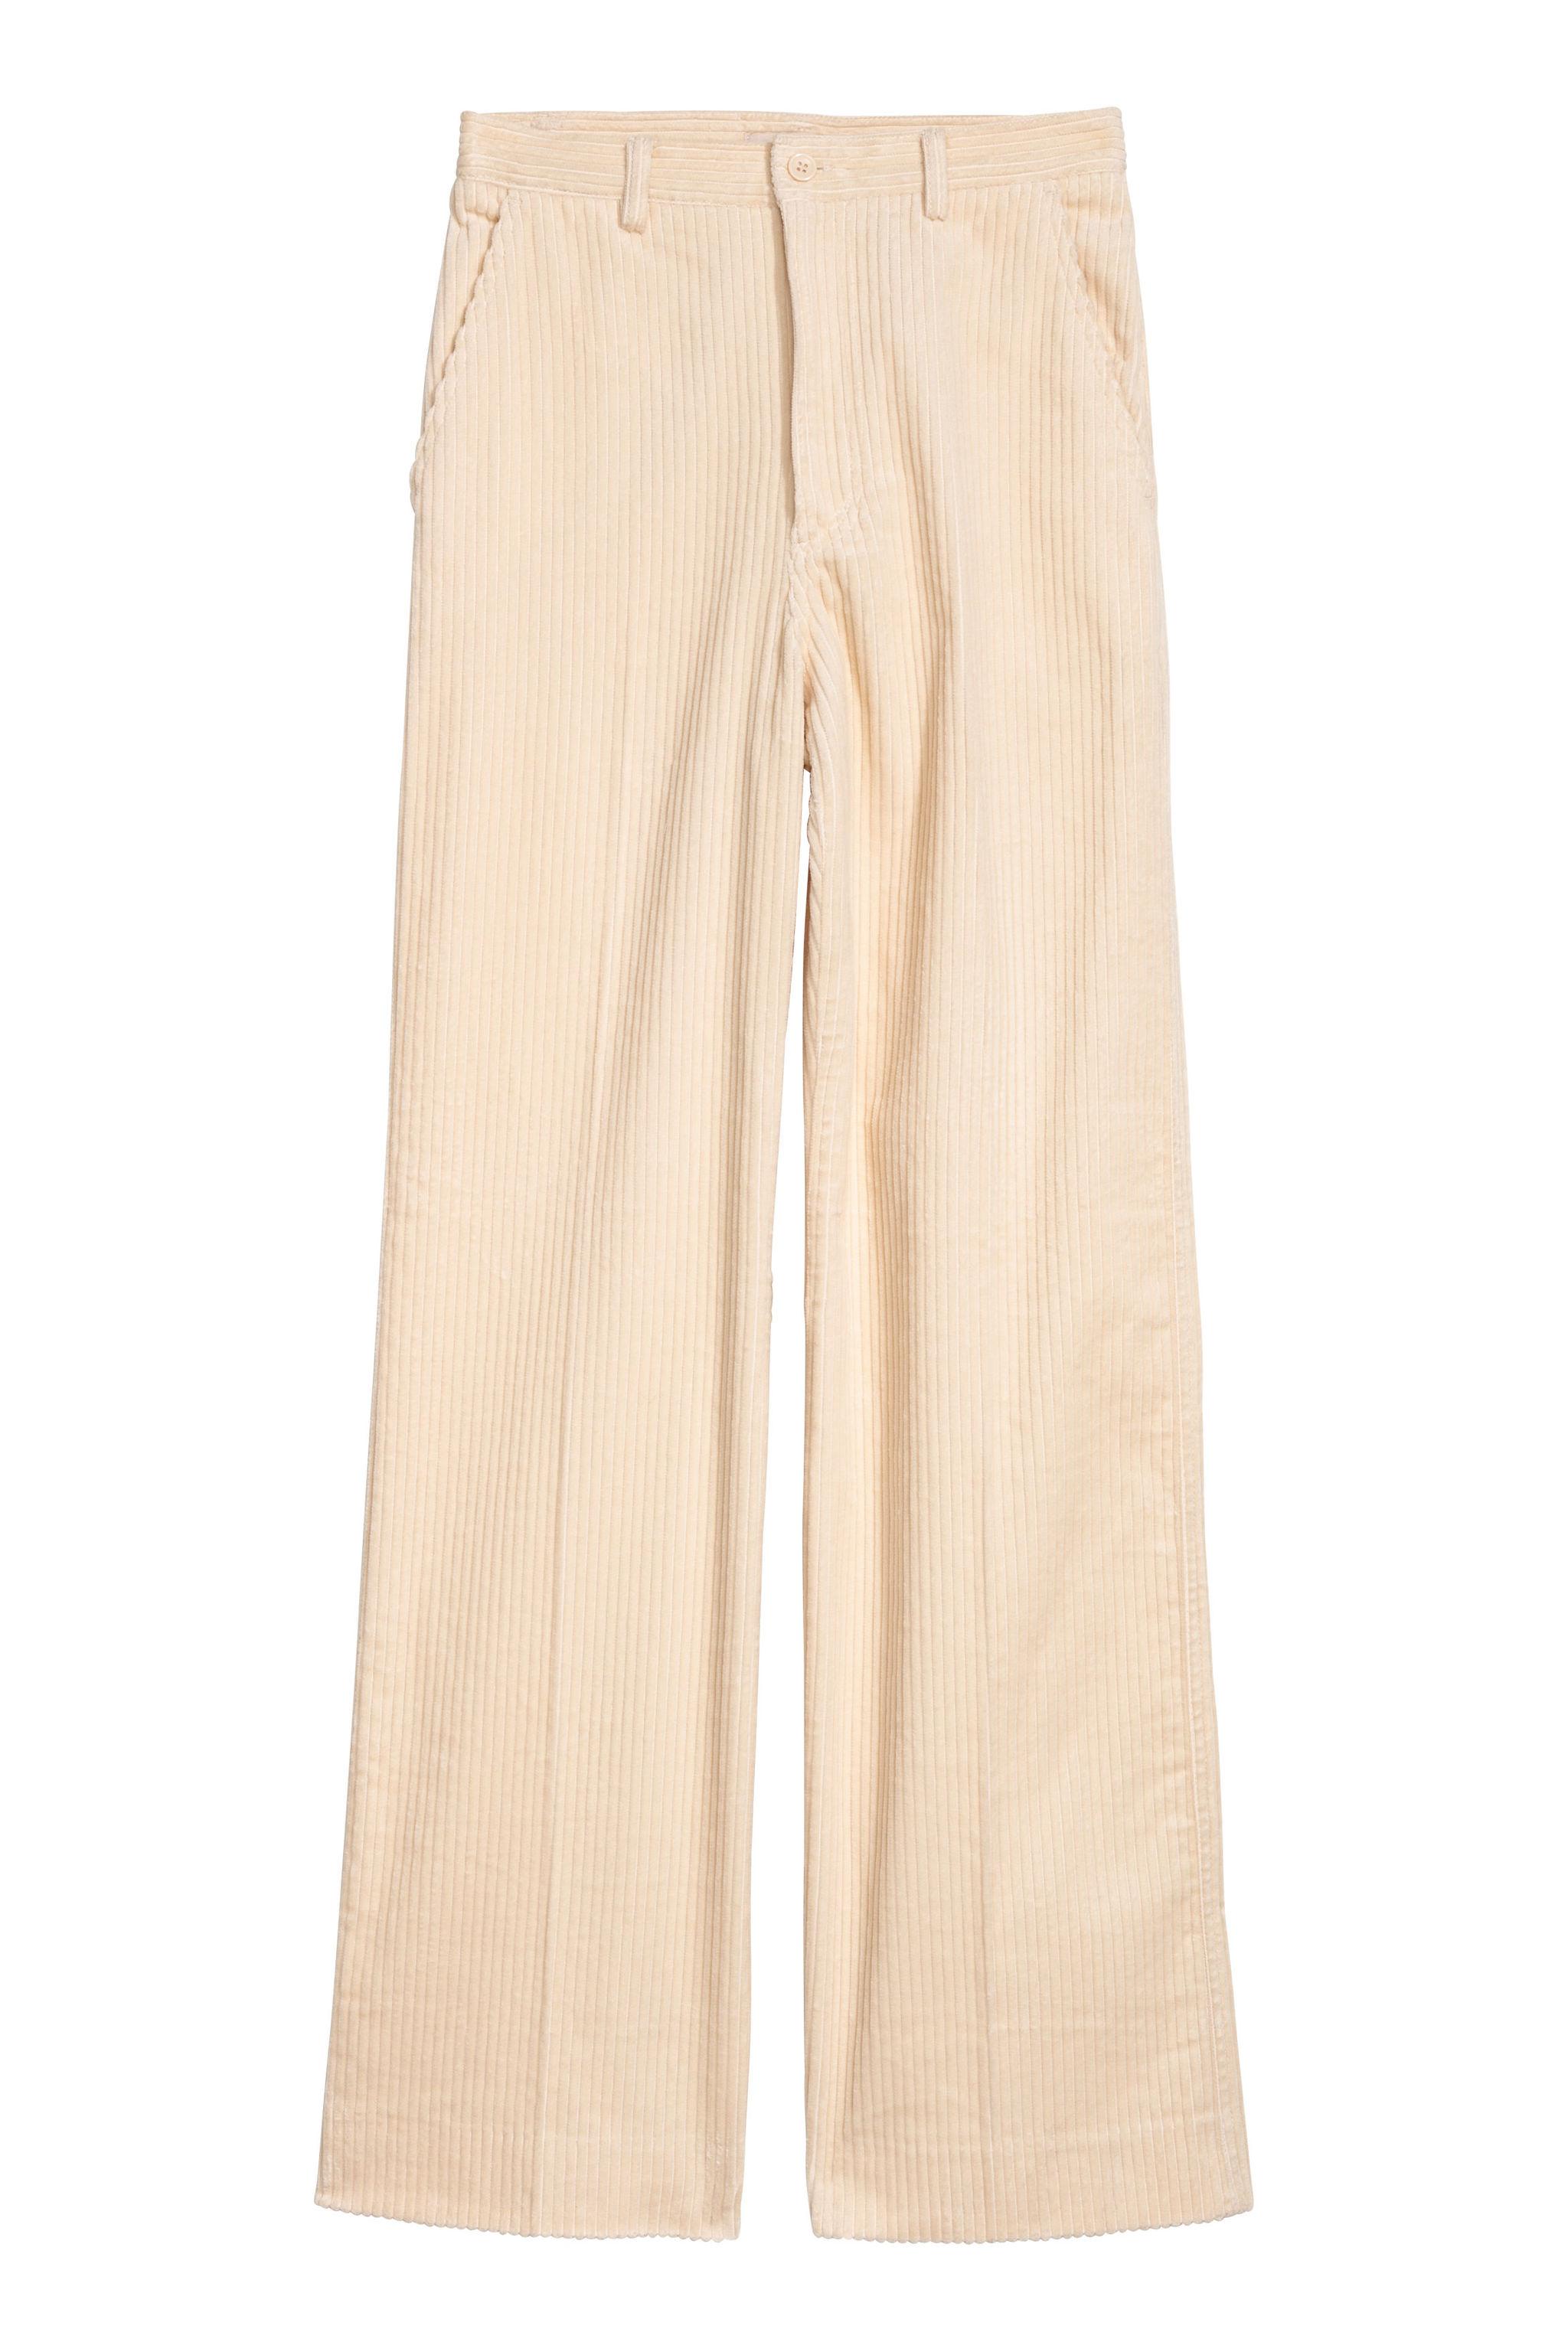 Pantalón de pana de H&M (49,99 euros)